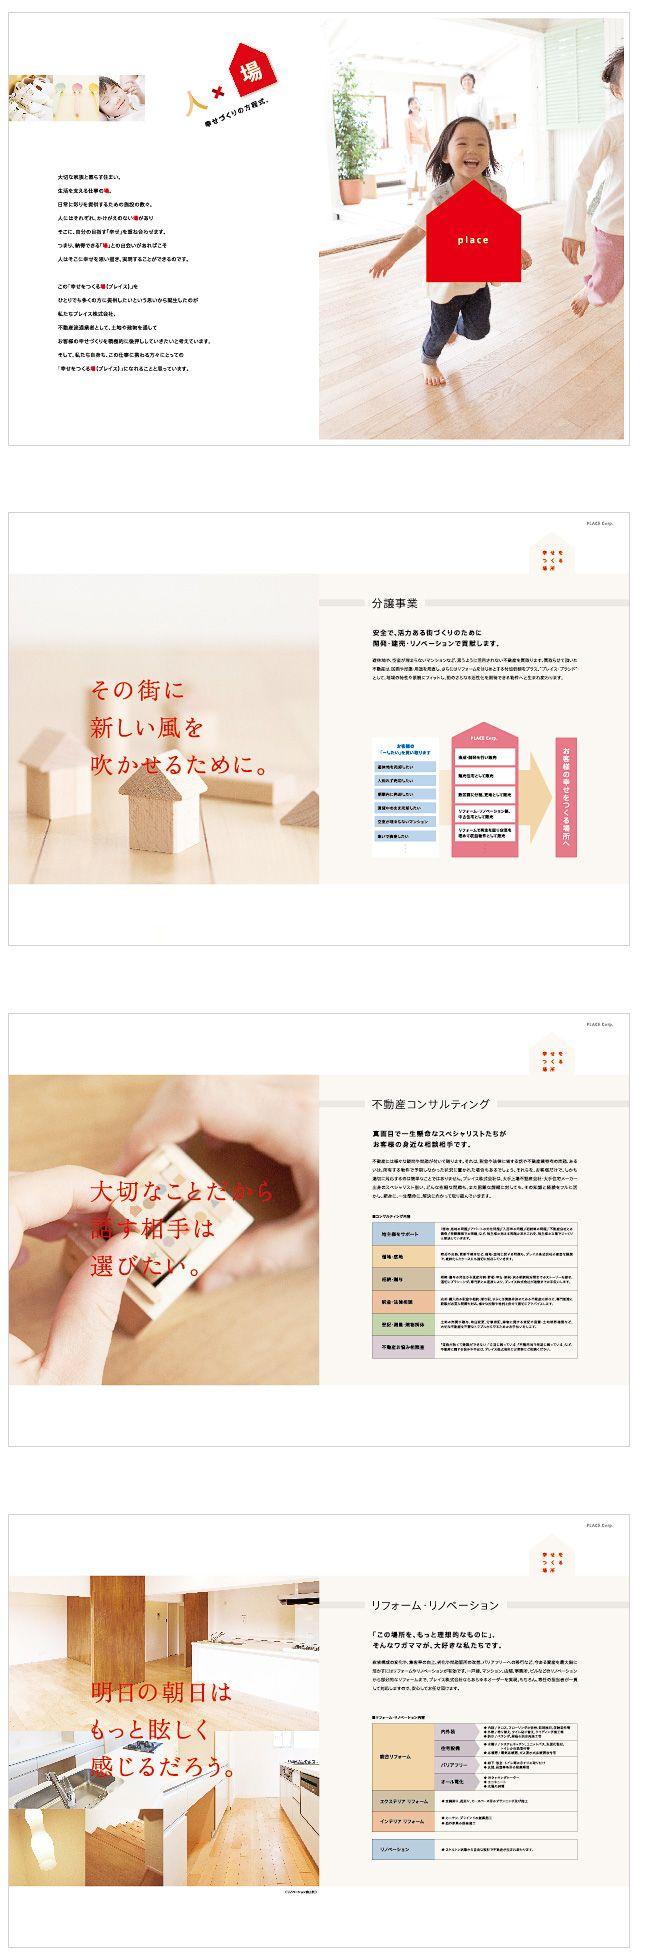 不動産関連サービス企業様パンフレットデザイン実績写真